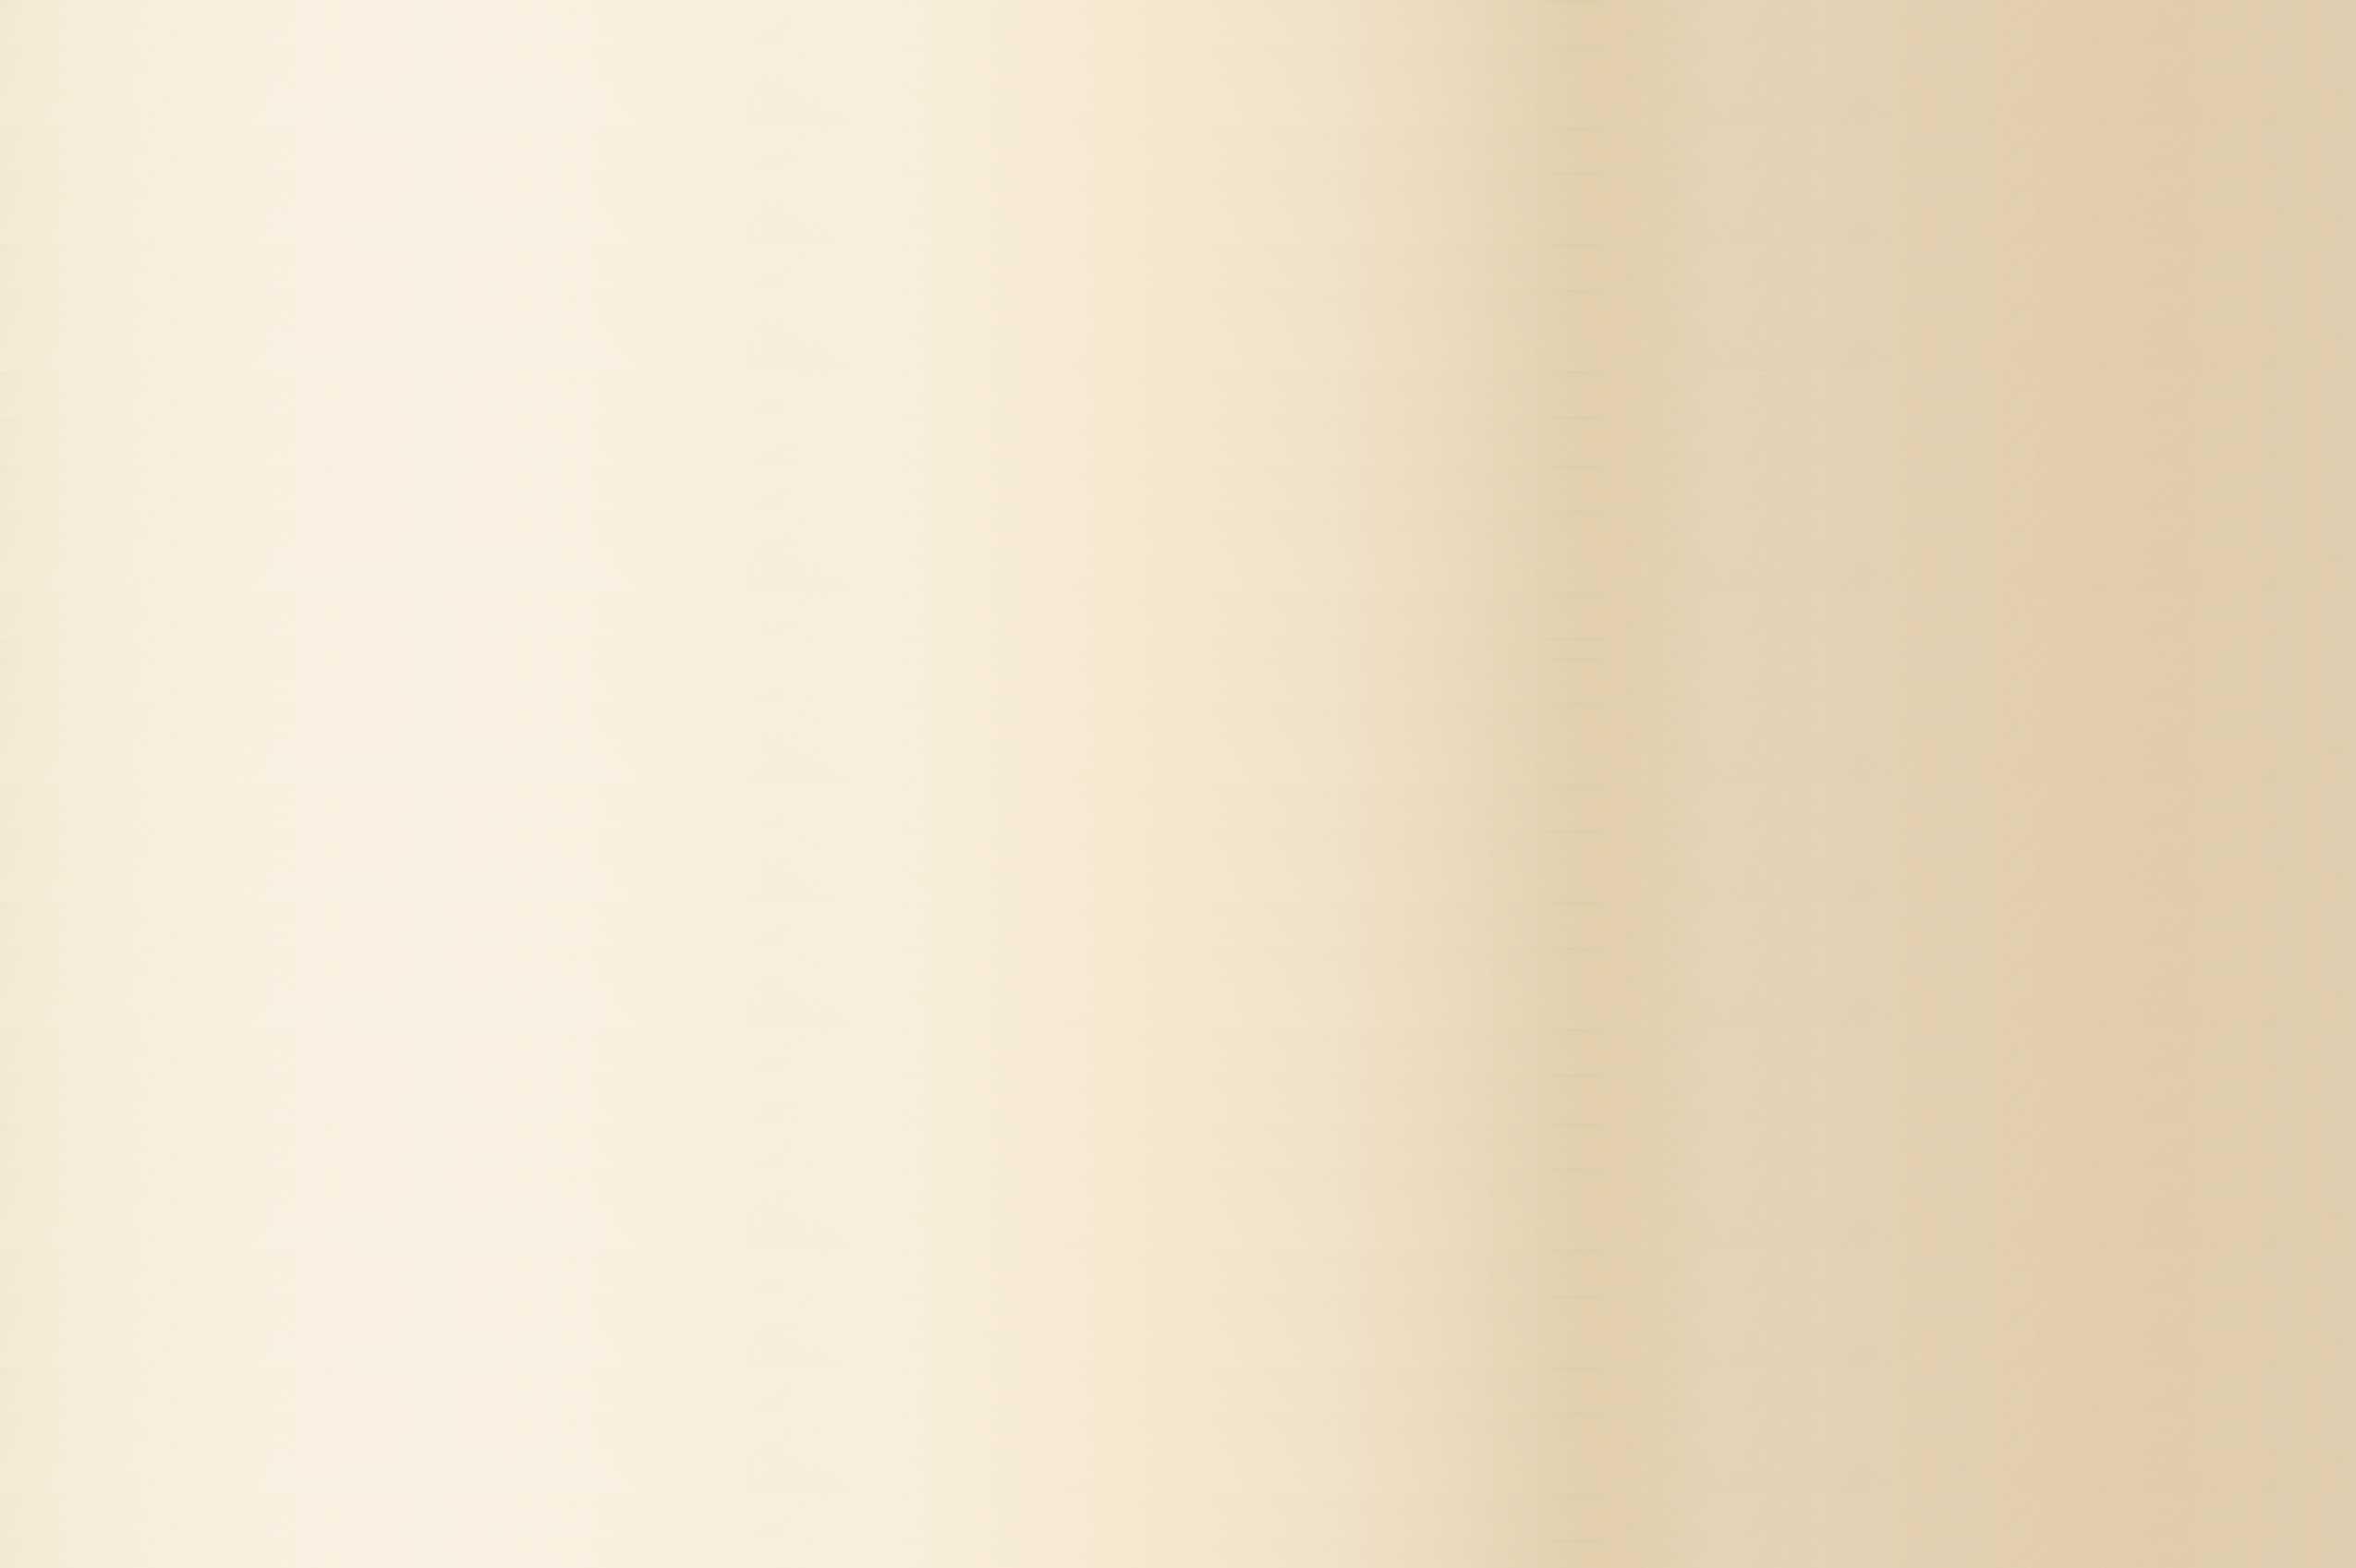 Denise Schmidt Profil Kinder- und Jugendlichenpsychotherapeutin Berlin